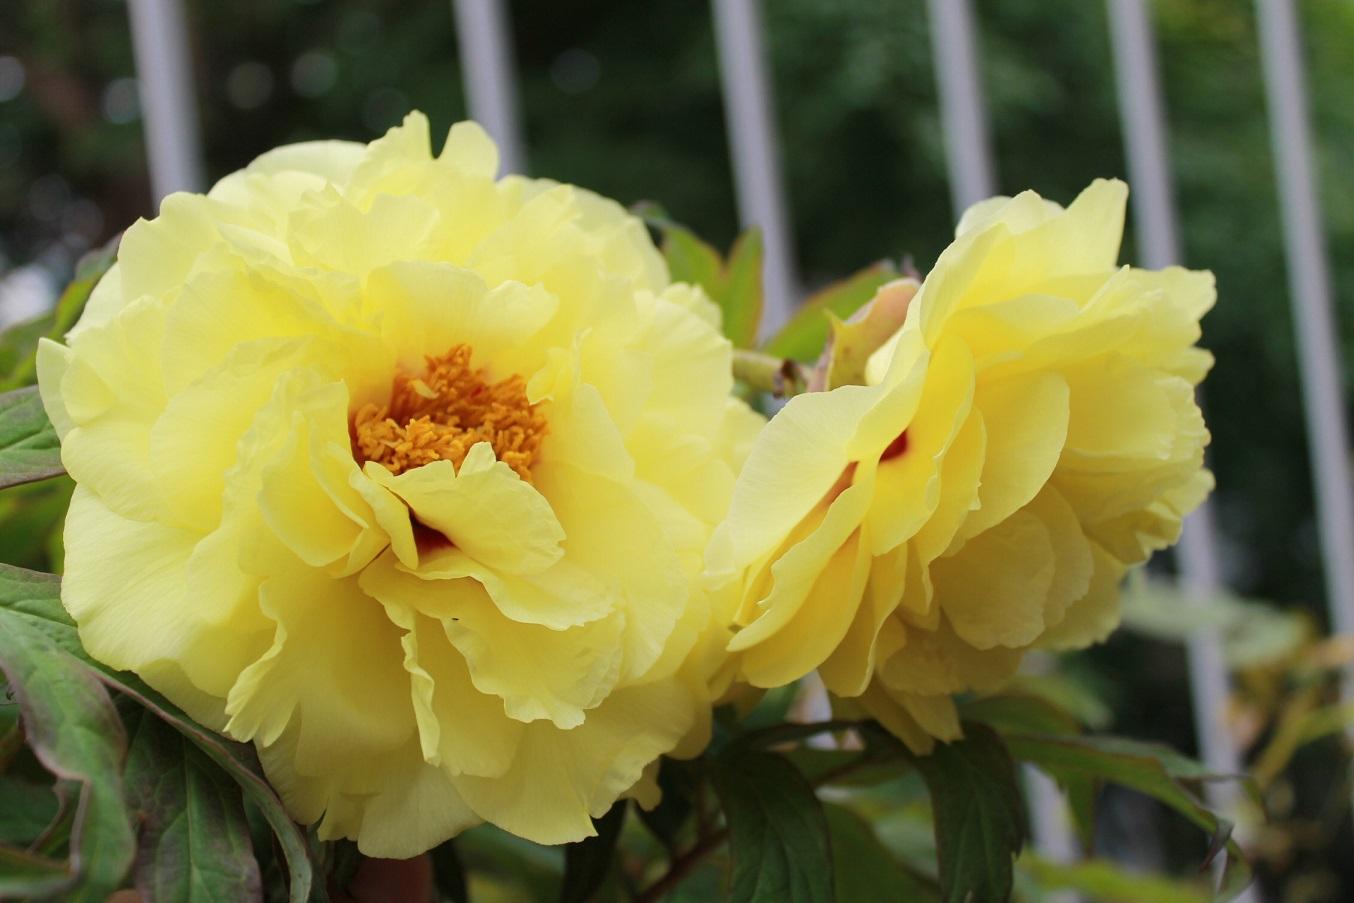 蘭香茶館の黄金牡丹花も満開しました。_f0070743_14124783.jpg